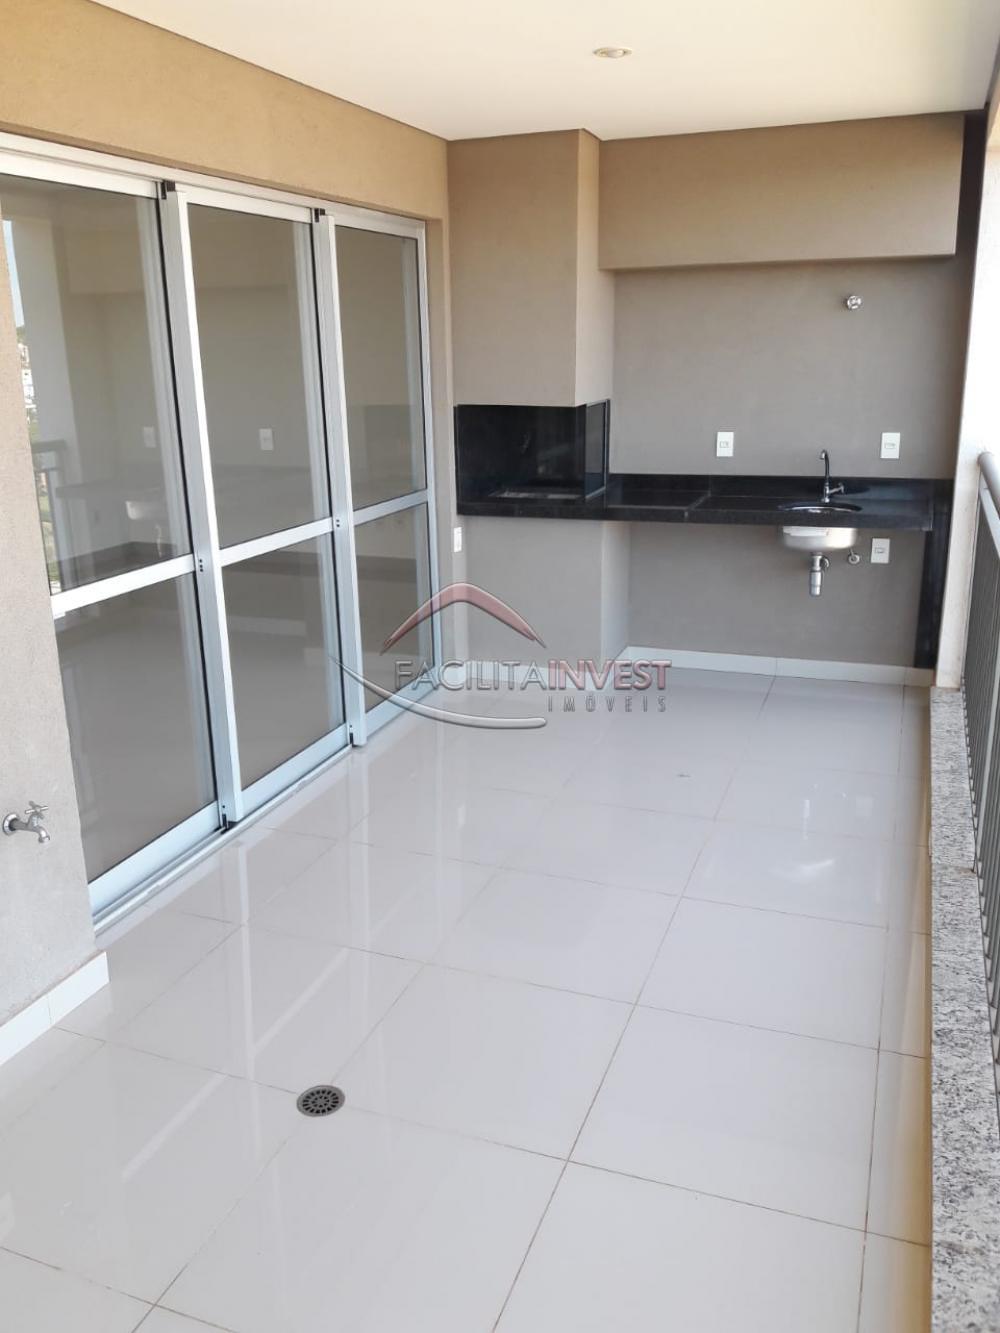 Comprar Apartamentos / Apart. Padrão em Ribeirão Preto apenas R$ 685.905,68 - Foto 1